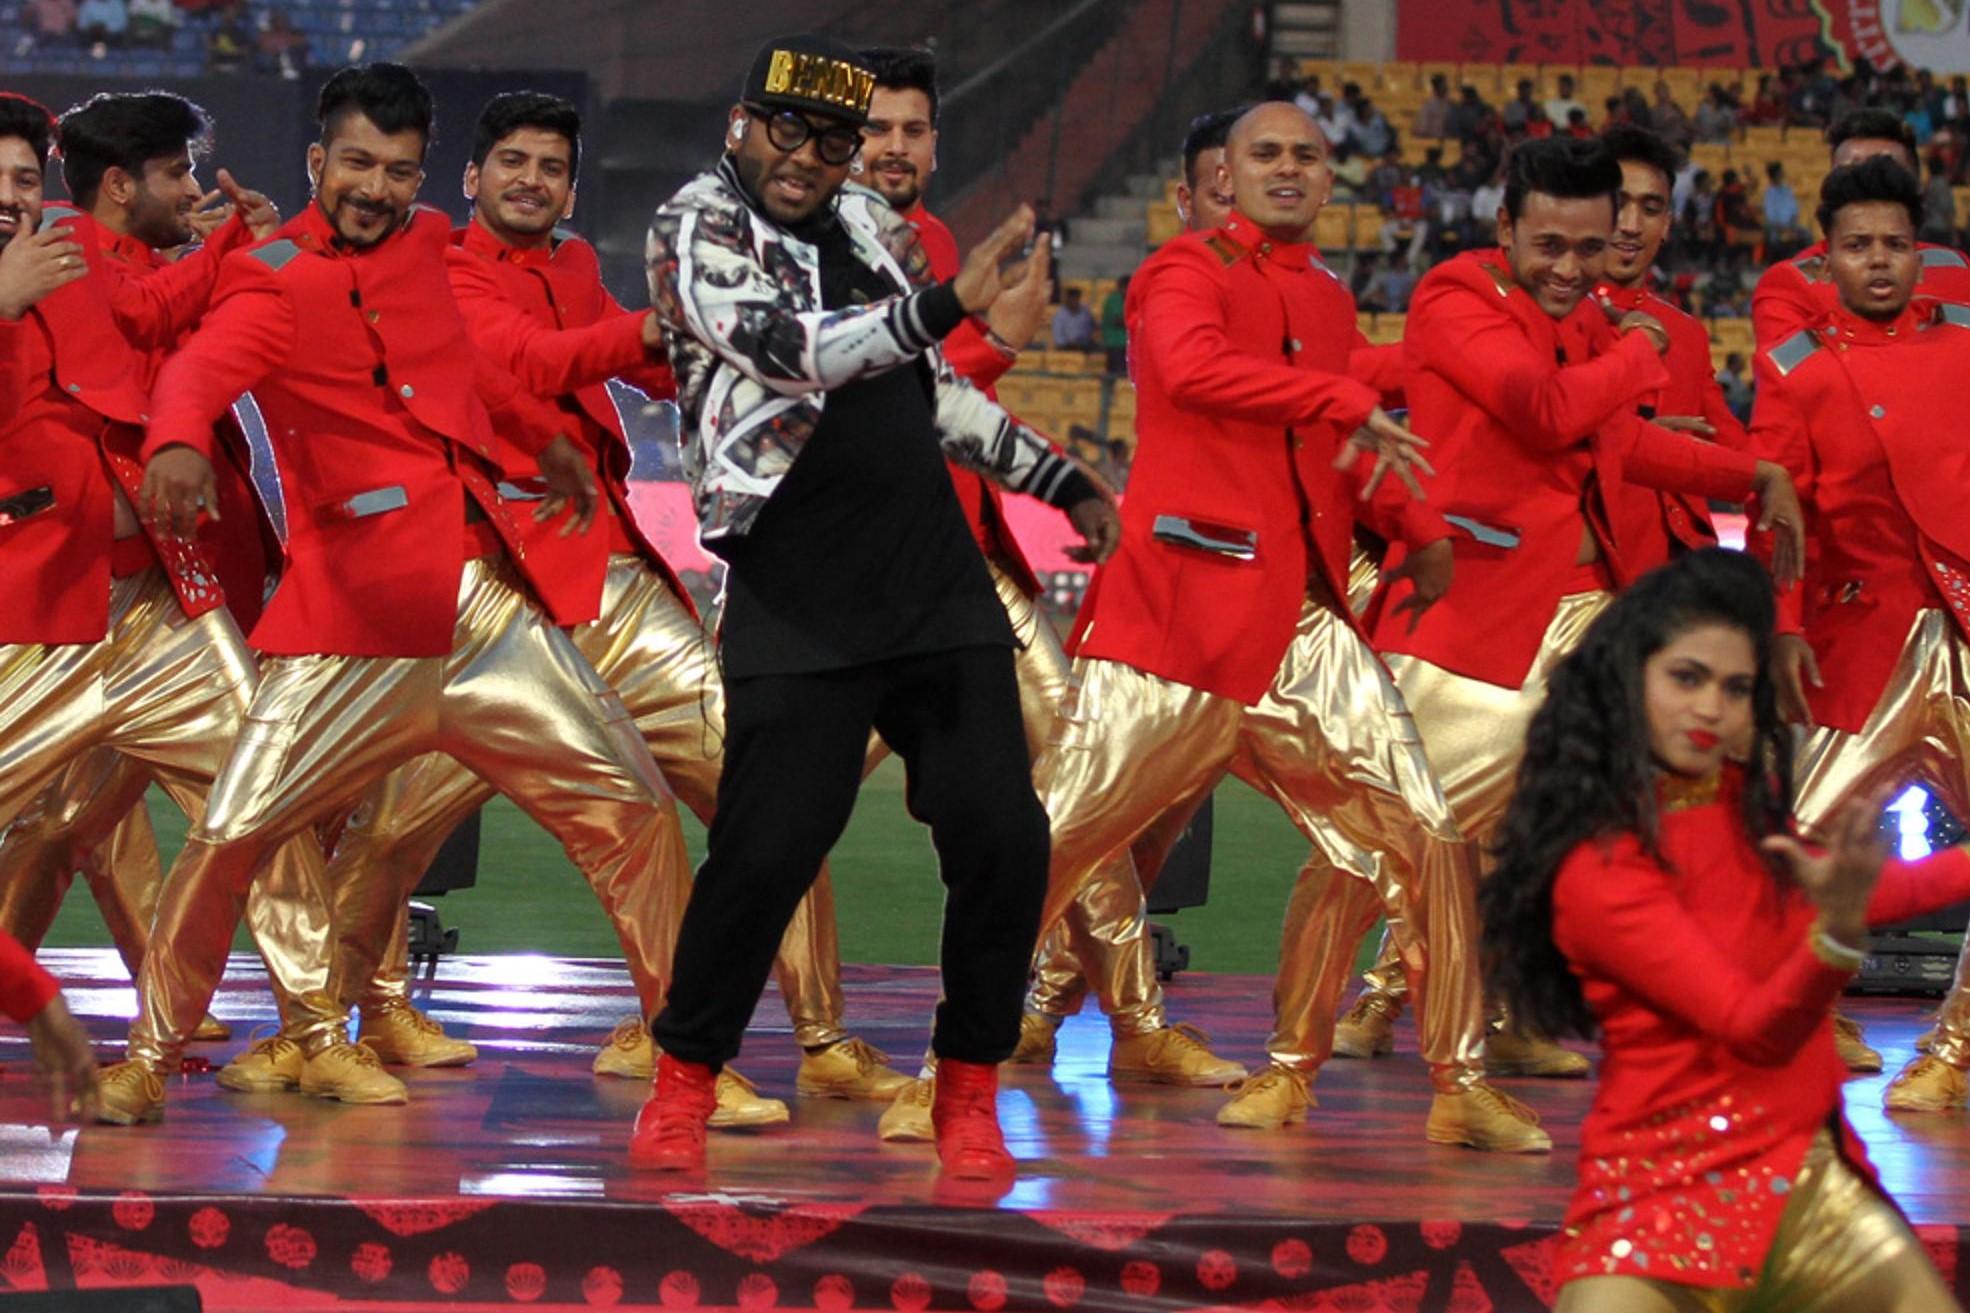 Photos : IPL10: बेंगलुरु में हुई आईपीएल की पांचवी ओपनिंग सेरेमनी कृति सेनन ने किया लाजवाब परफॉरमेंस 2